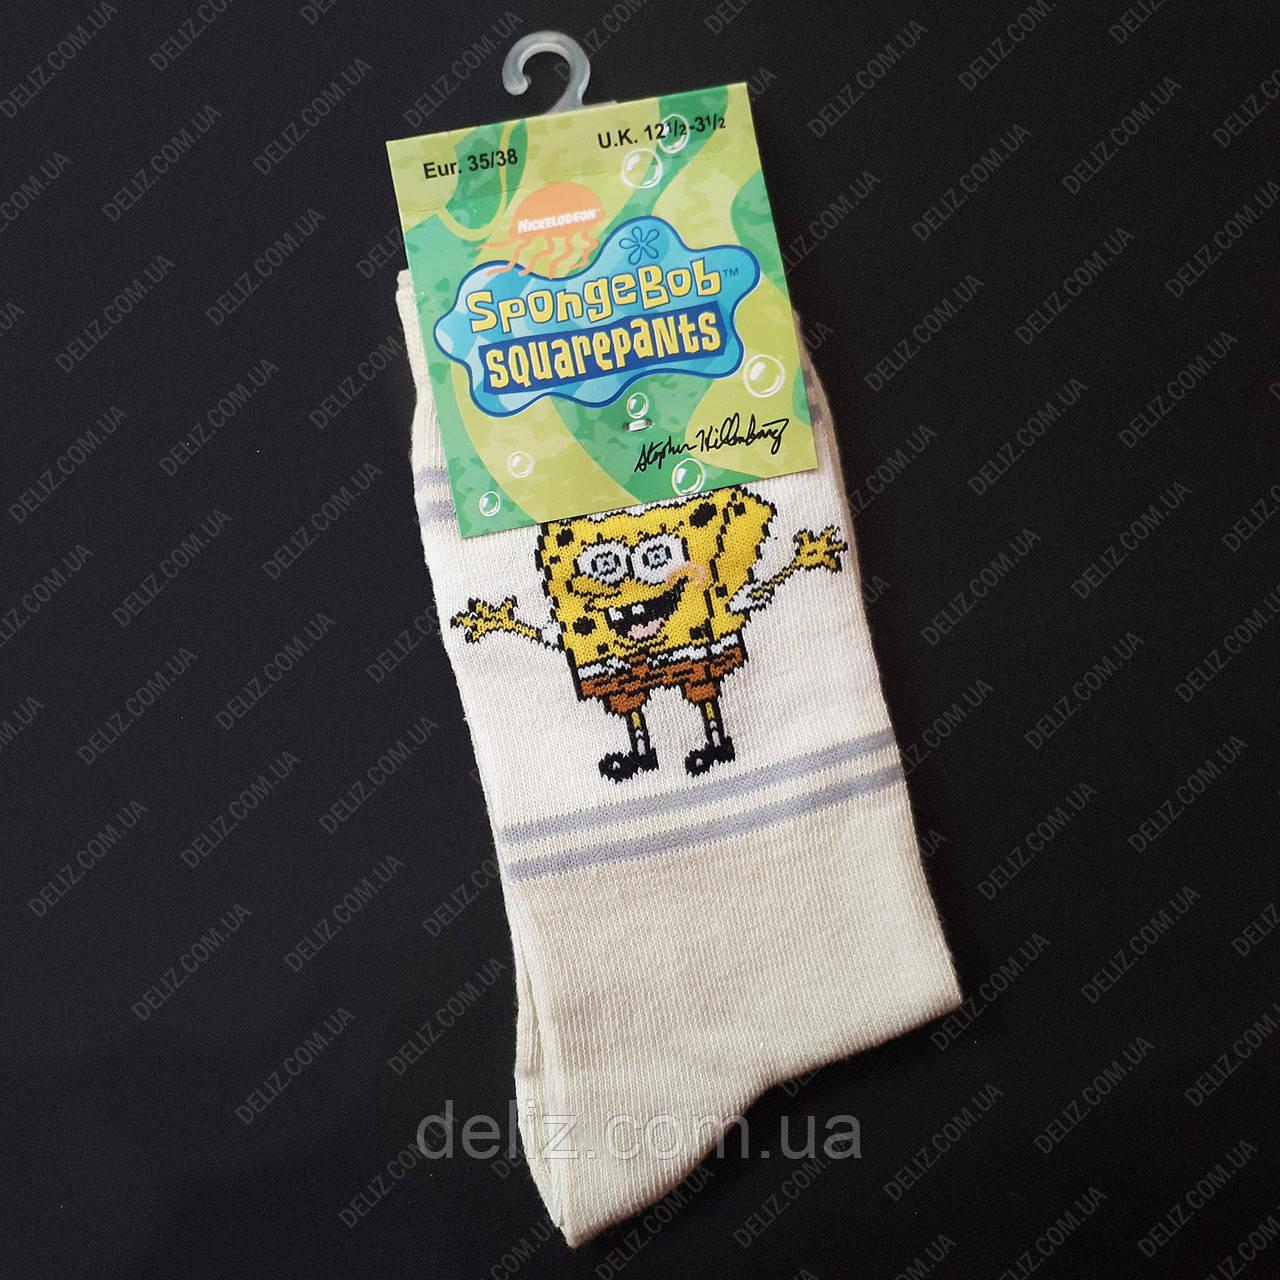 Детские носочки с Губкой Бобом СВЕТЛЫЕ. Размер 19-22 (0-2 года)